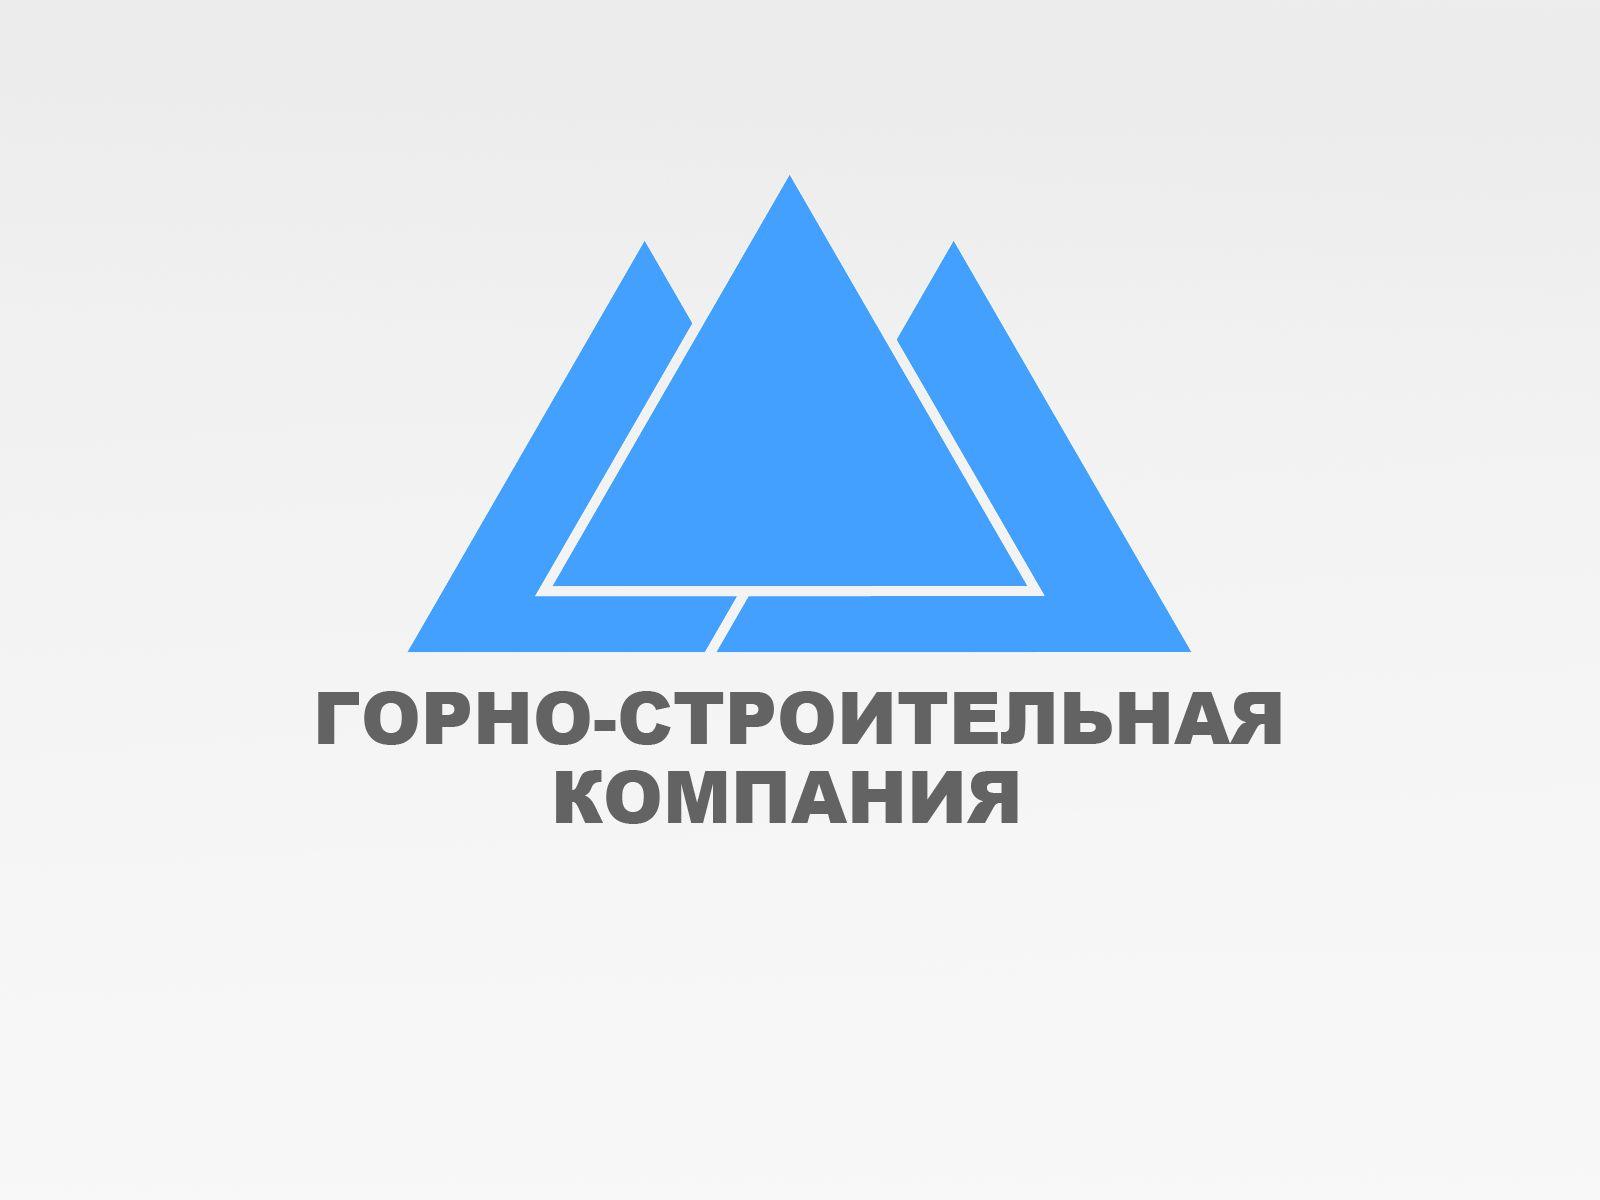 Логотип для Горно-Строительной Компании - дизайнер frisarix